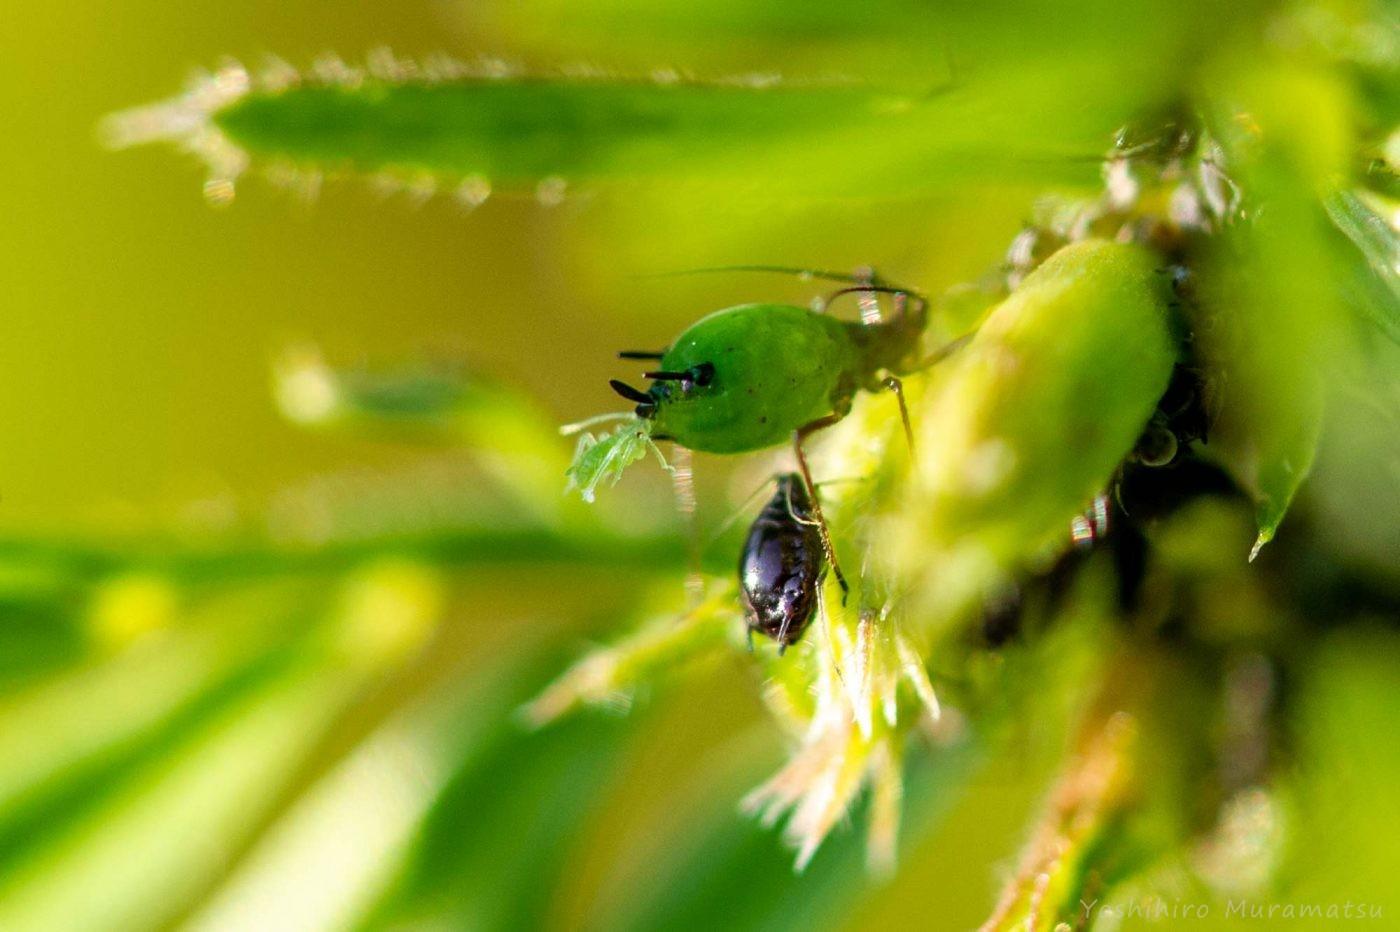 ソラマメヒゲナガアブラムシの写真